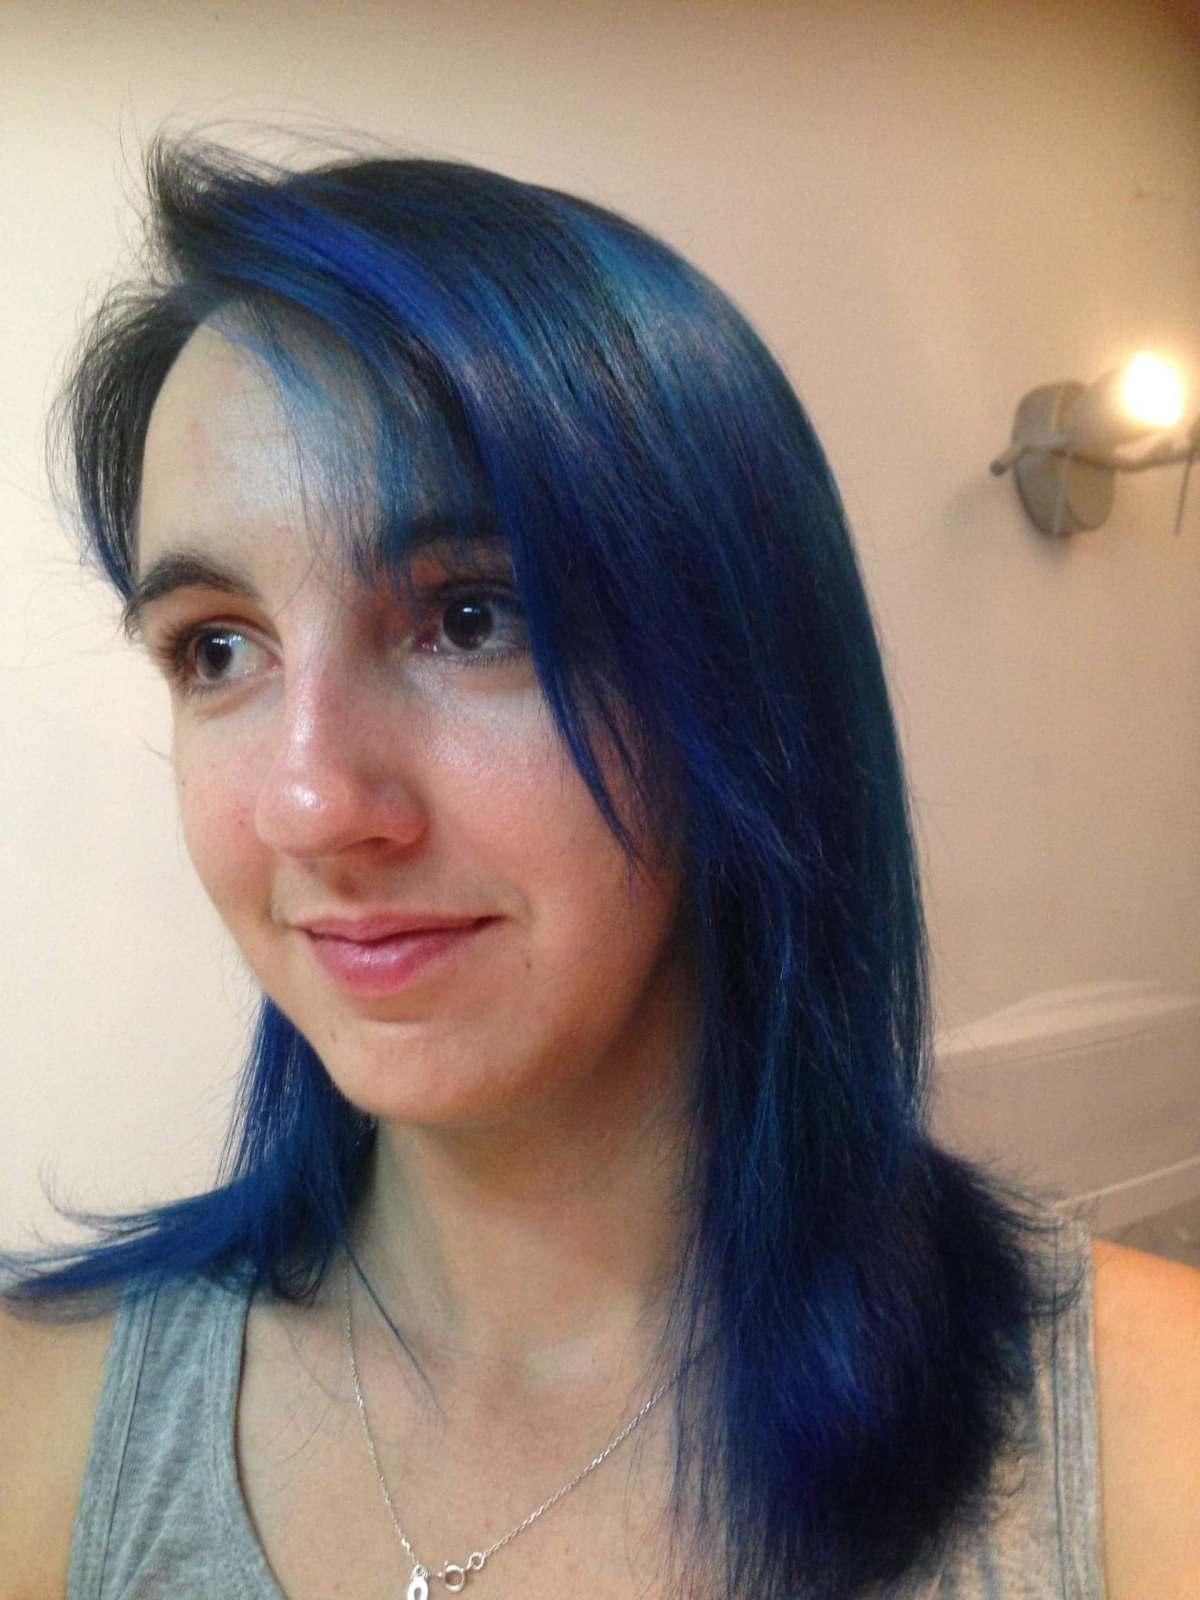 cecile cheveux bleus